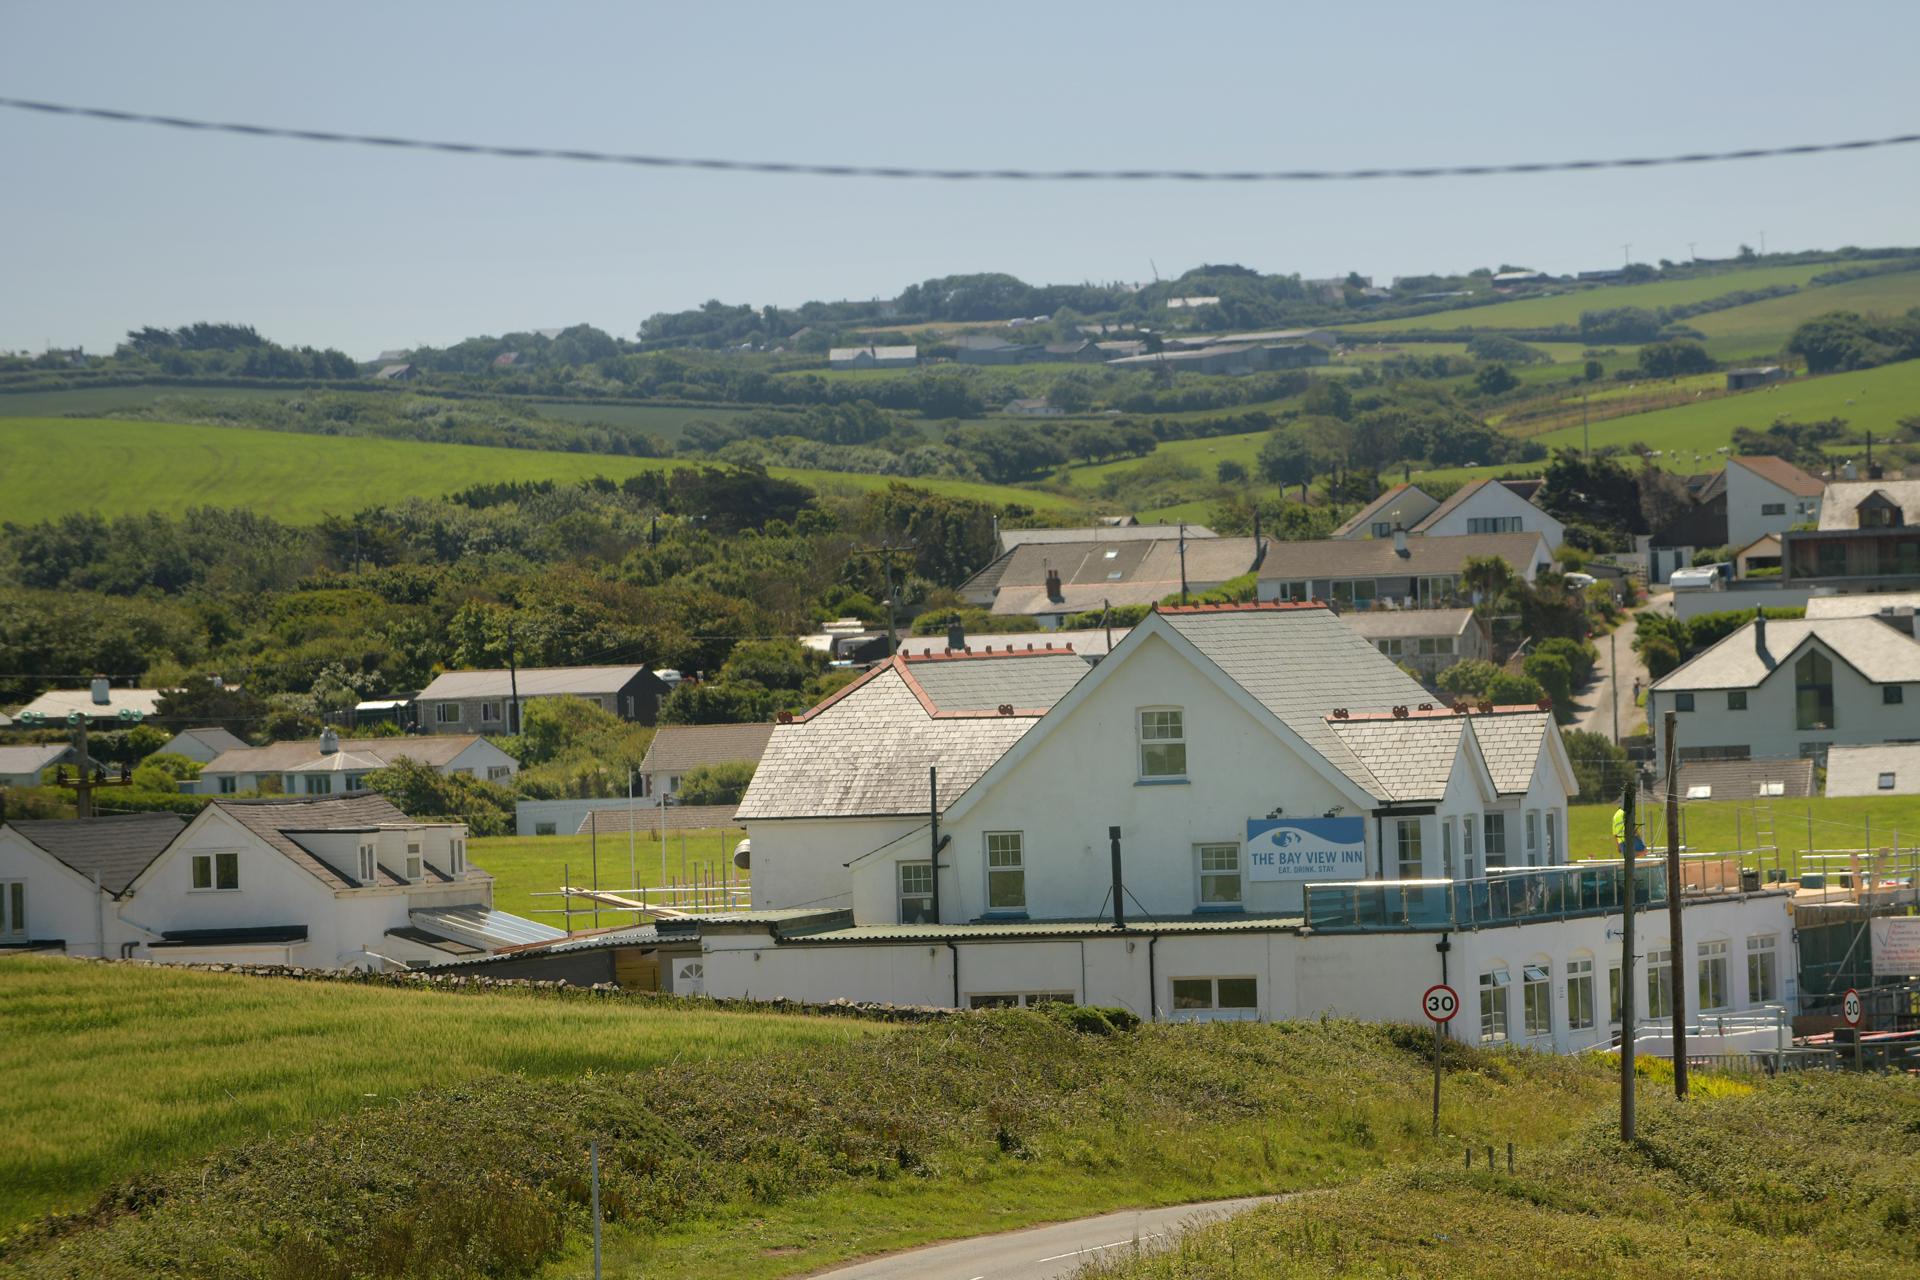 The Bay View Inn